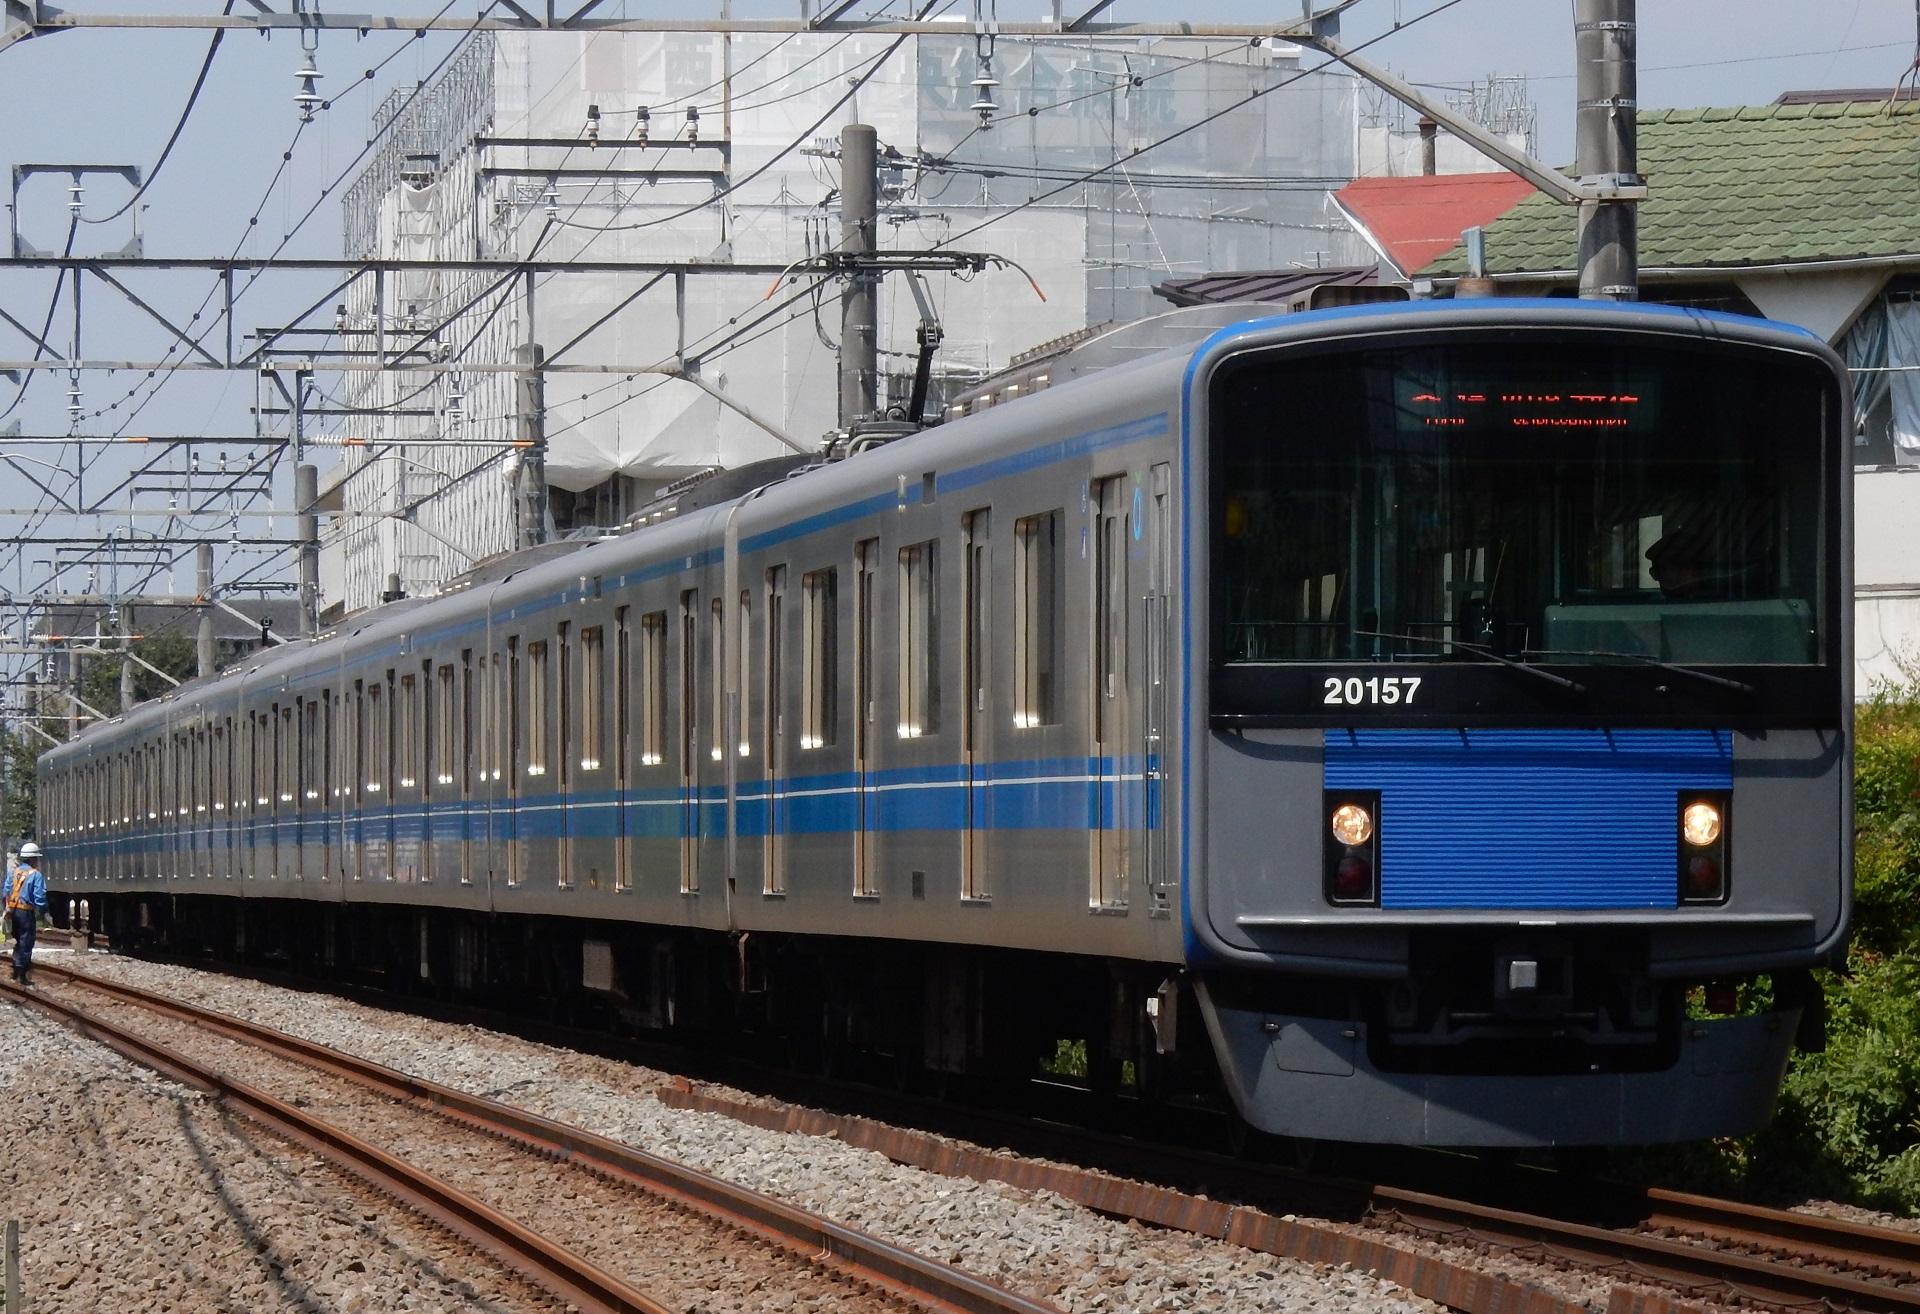 DSCN5058 - コピー